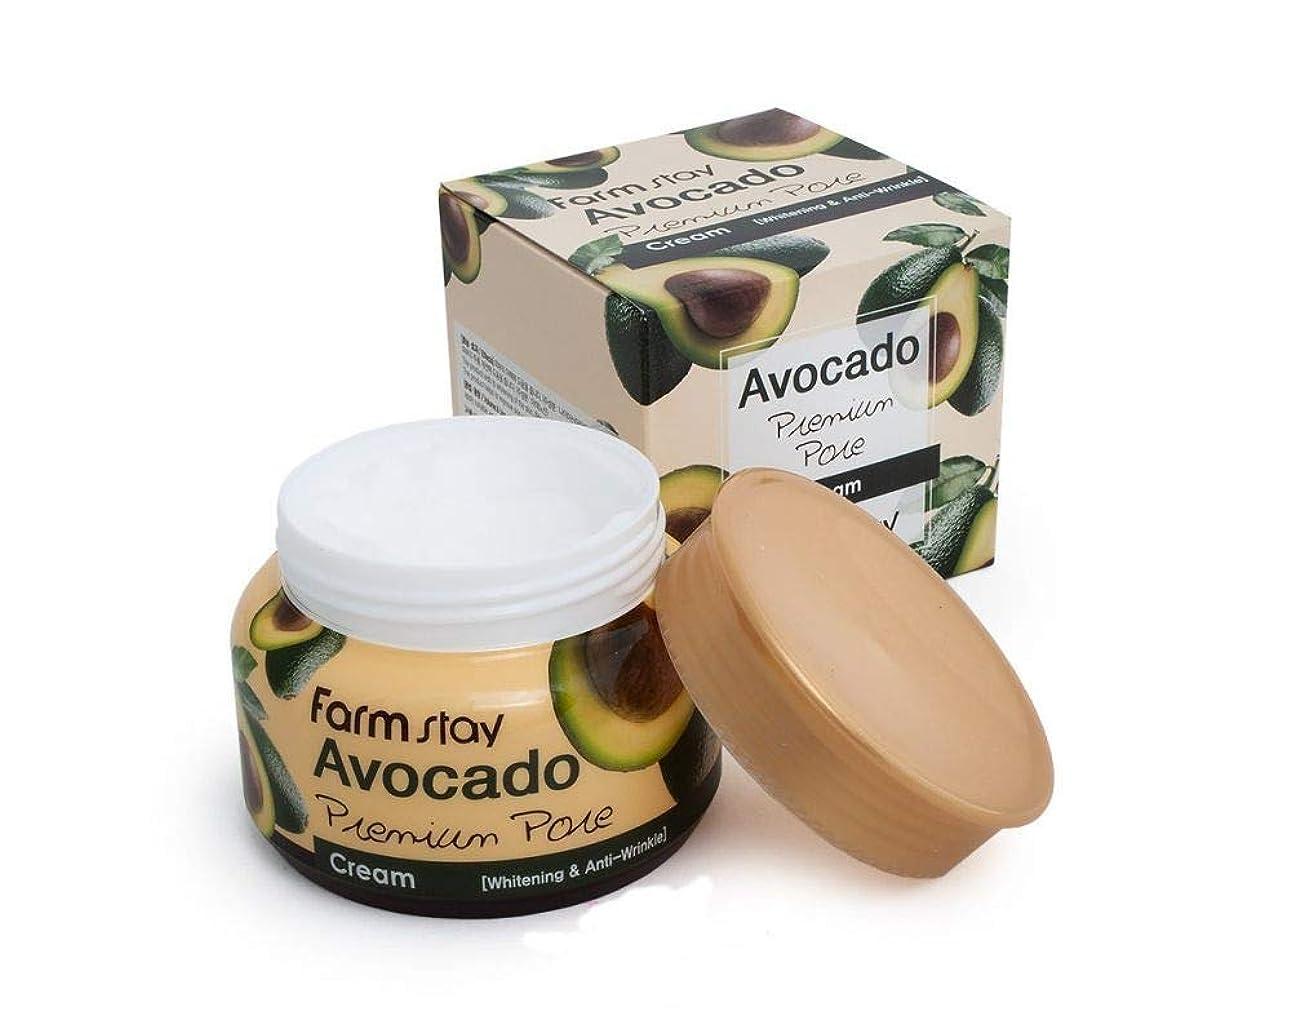 インスタント食料品店攻撃ファームステイ[Farm Stay] アボカドプレミアムポアクリーム 100g / Avocado Premium Pore Cream